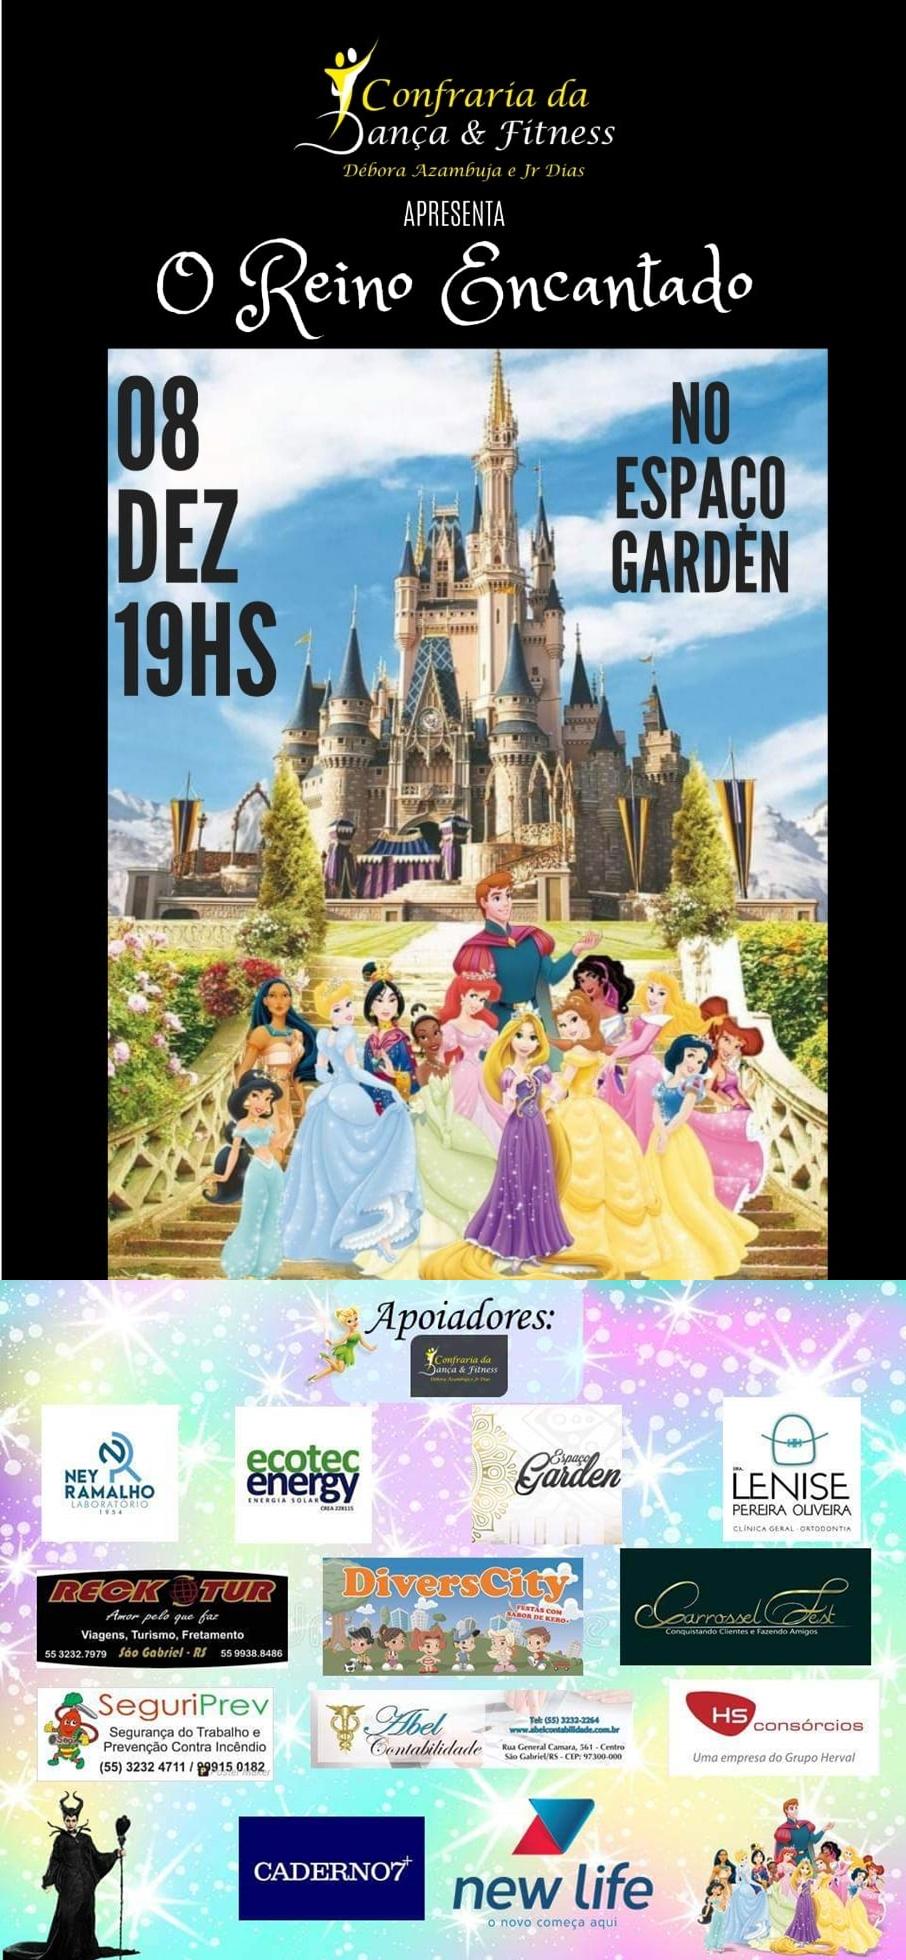 8 de dezembro - O Reino Encantado - Confraria da Dança e Fitness